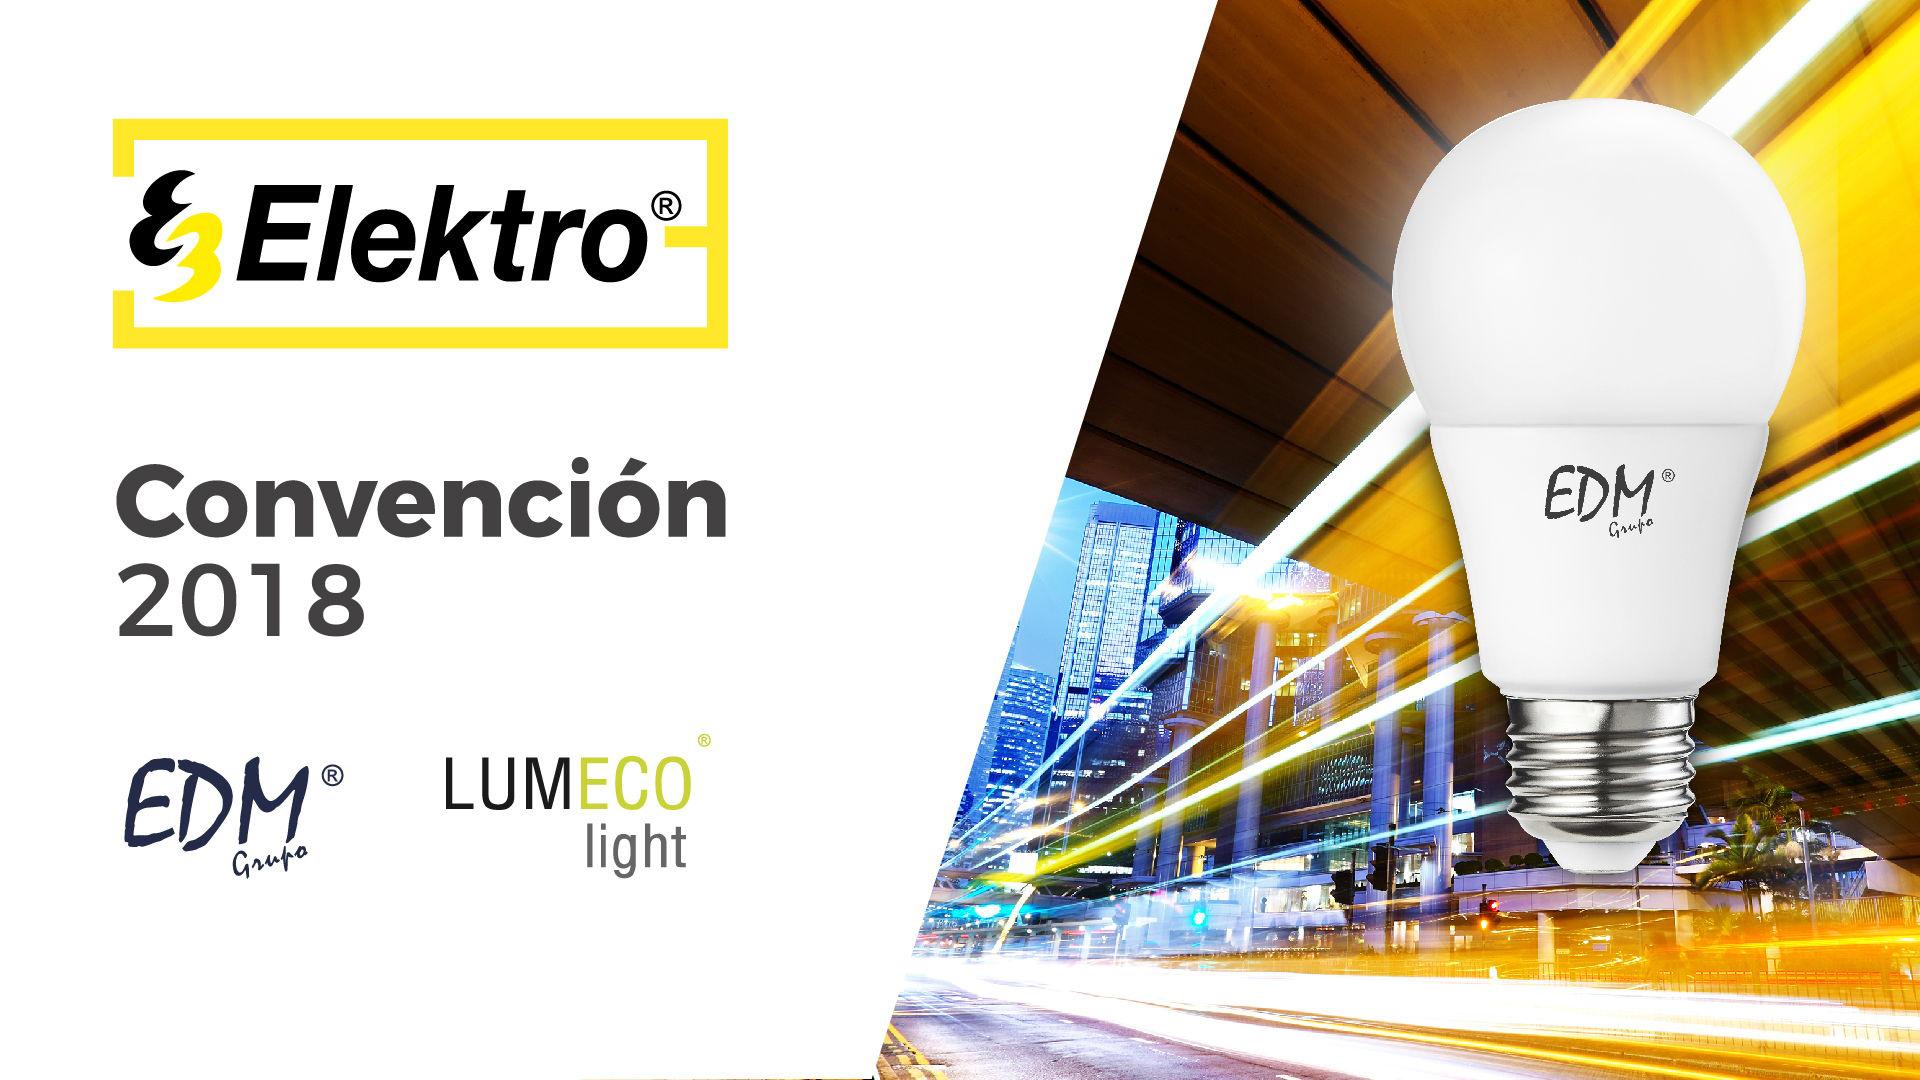 Convención Elektro3 y Dimatel - Grupo EDM 2018 - Días 16 y 17 de Febrero